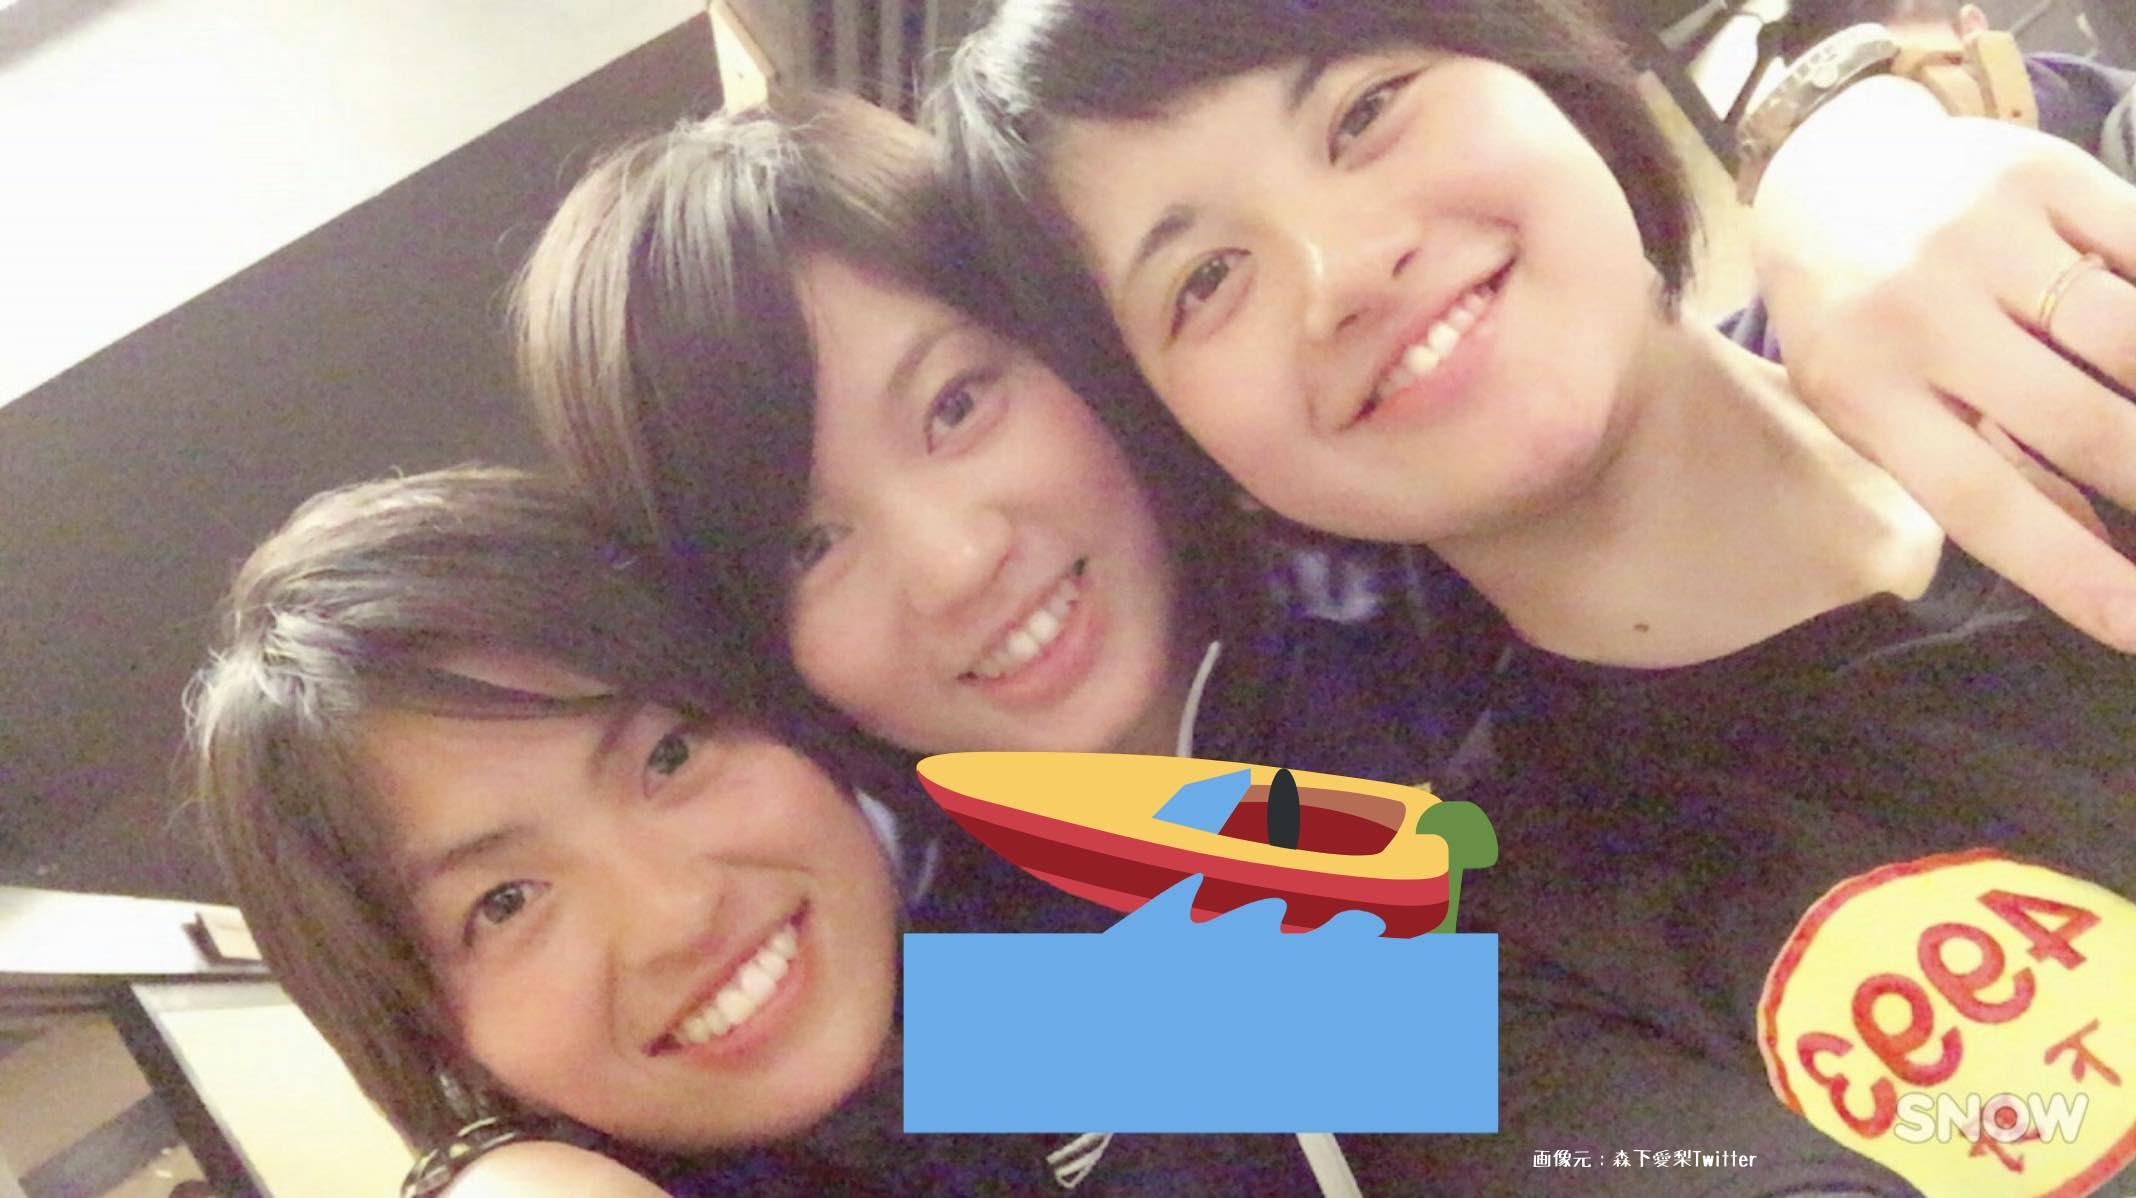 森下愛梨、安井瑞紀、下野京香の3人の競艇女子選手120期同期メンバー